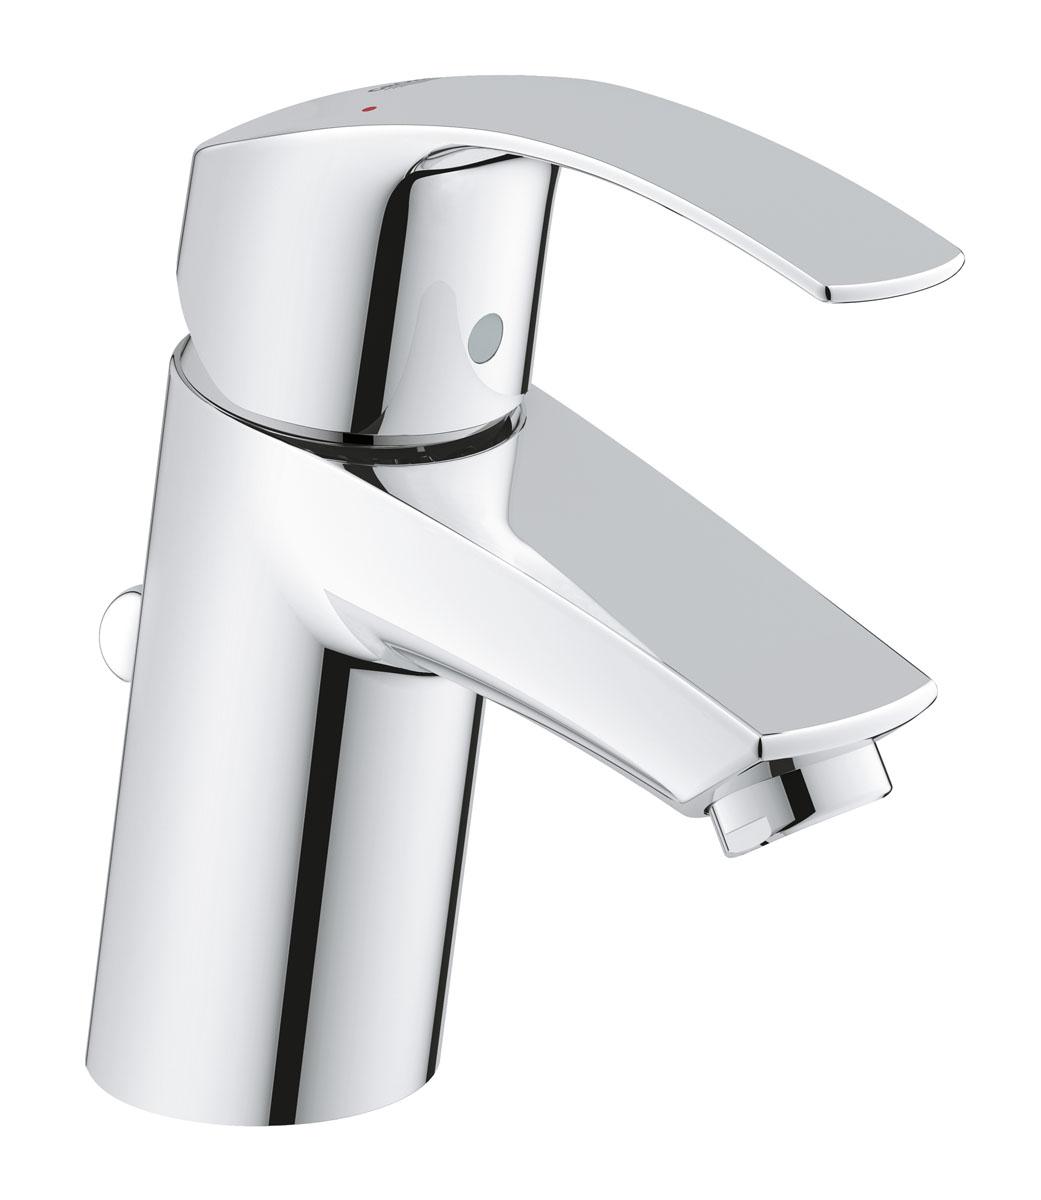 """Благодаря технологии SilkMove, которая применяется в его конструкции, рычаг  смесителя Grohe """"Eurosmart New"""" для ванной комнаты отличается чрезвычайно  плавным ходом. Рычаг имеет оригинальную форму с плавным изгибом кверху,  которая удачно вписывается в гармоничные пропорции смесителя и обеспечивает  достаточно пространства для мытья рук - даже при стандартной высоте излива.  Механизм EcoJoy обеспечивает экономию воды, достигающую 50%, чем  способствует сбережению природных ресурсов и ваших средств. Благодаря  хромированному покрытию StarLight, поверхность смесителя отличается  великолепным блеском, гладкостью и простотой в уходе, сохраняя свой  первозданный сияющий вид даже после многих лет эксплуатации. Смеситель  комплектуется сливным клапаном со штоковым подъемным механизмом. Система  упрощенного монтажа позволит вам установить данный смеситель за  минимальное время."""